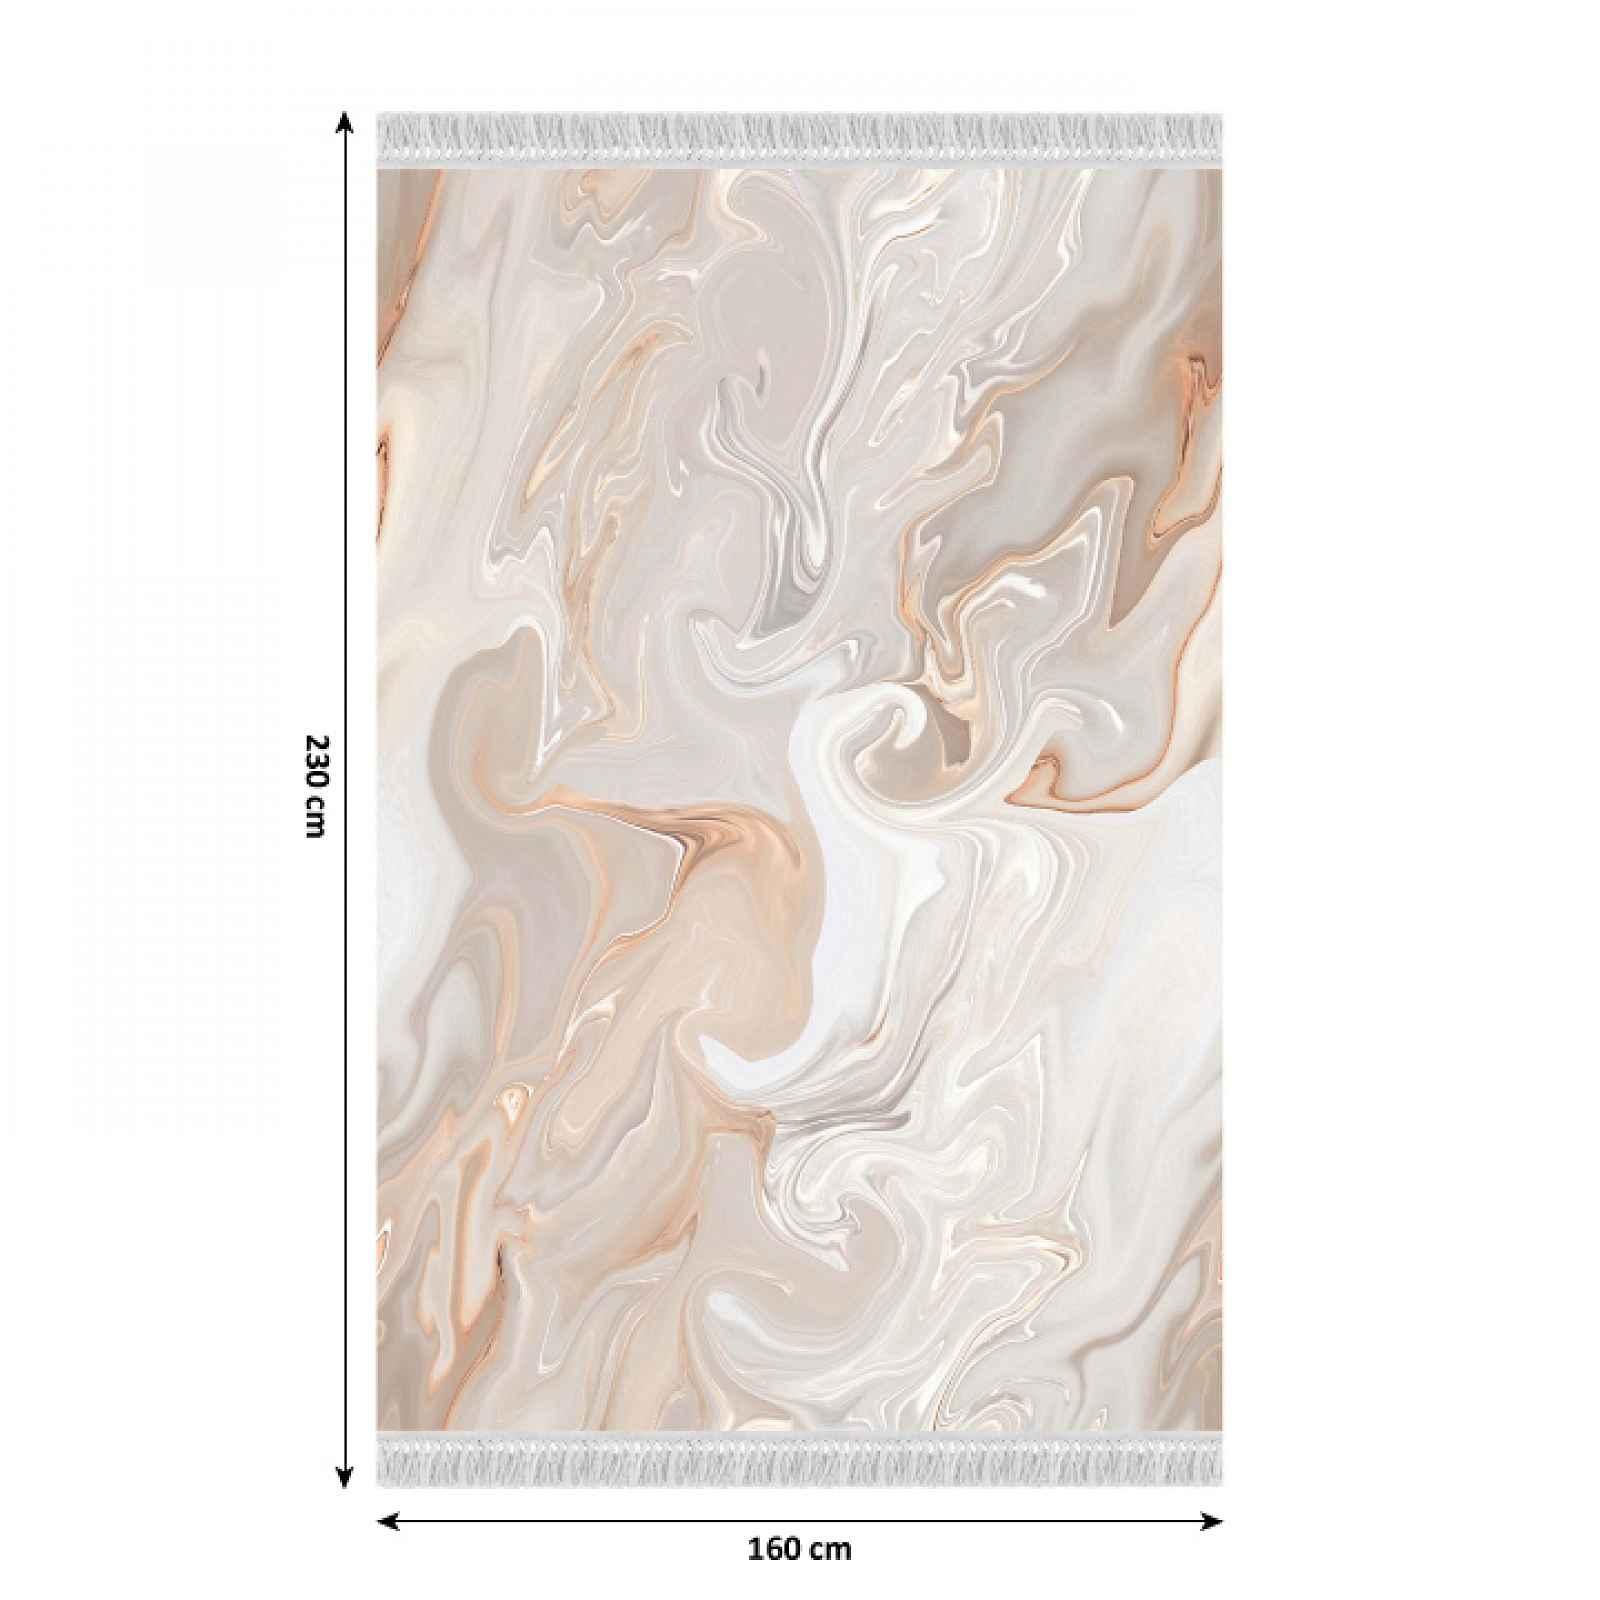 Koberec s třásněmi RENOX TYP 2 béžová / krémová / bílá Tempo Kondela 160x230 cm